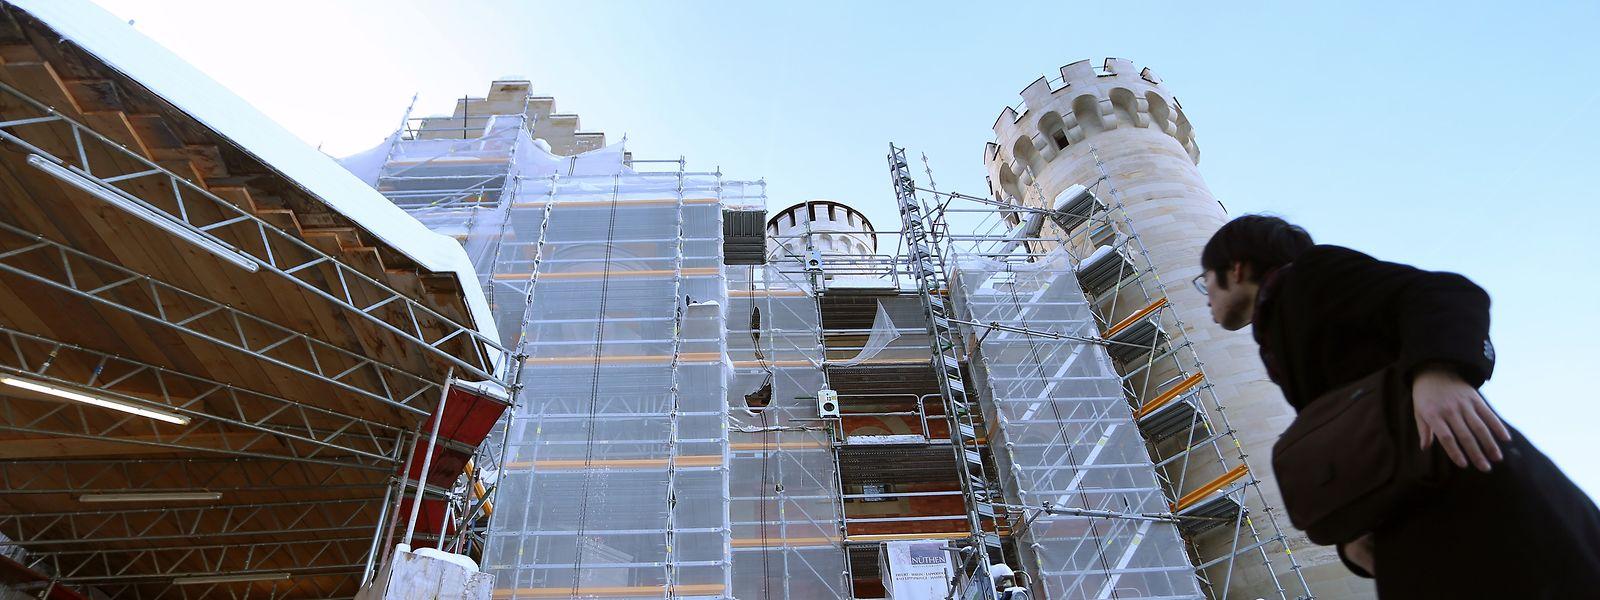 Eingerüstet ist das Torhaus des Schlosses Neuschwanstein. Das Schloss wird derzeit für 20 Millionen Euro restauriert.